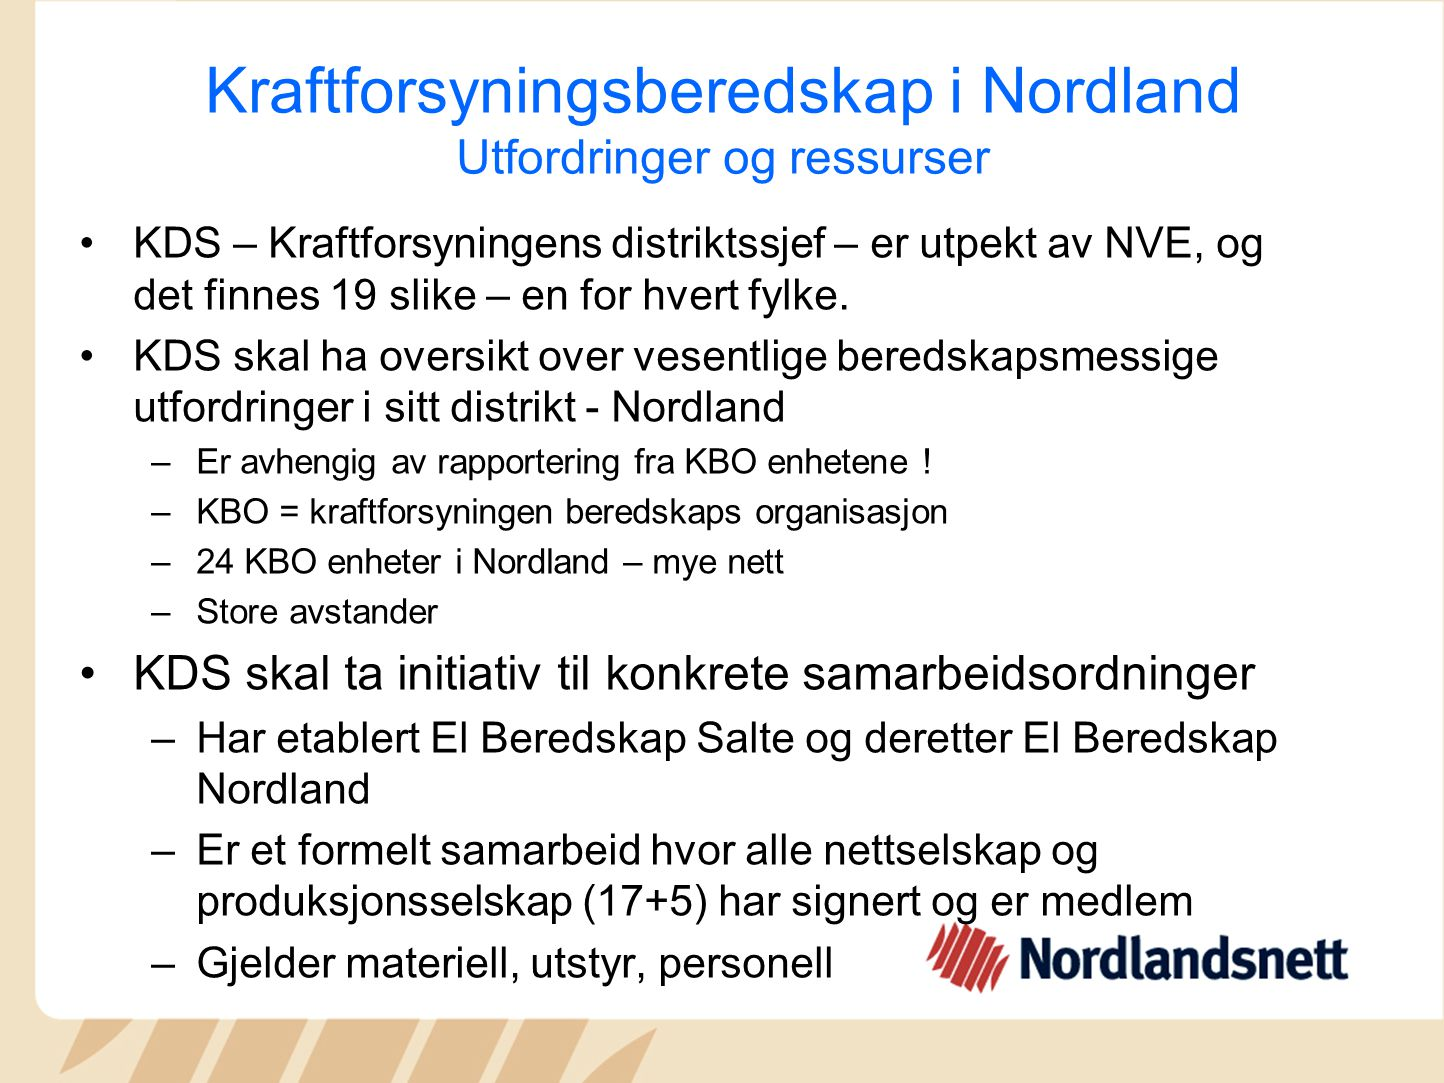 Kraftforsyningsberedskap i Nordland Utfordringer og ressurser KDS – Kraftforsyningens distriktssjef – er utpekt av NVE, og det finnes 19 slike – en for hvert fylke.